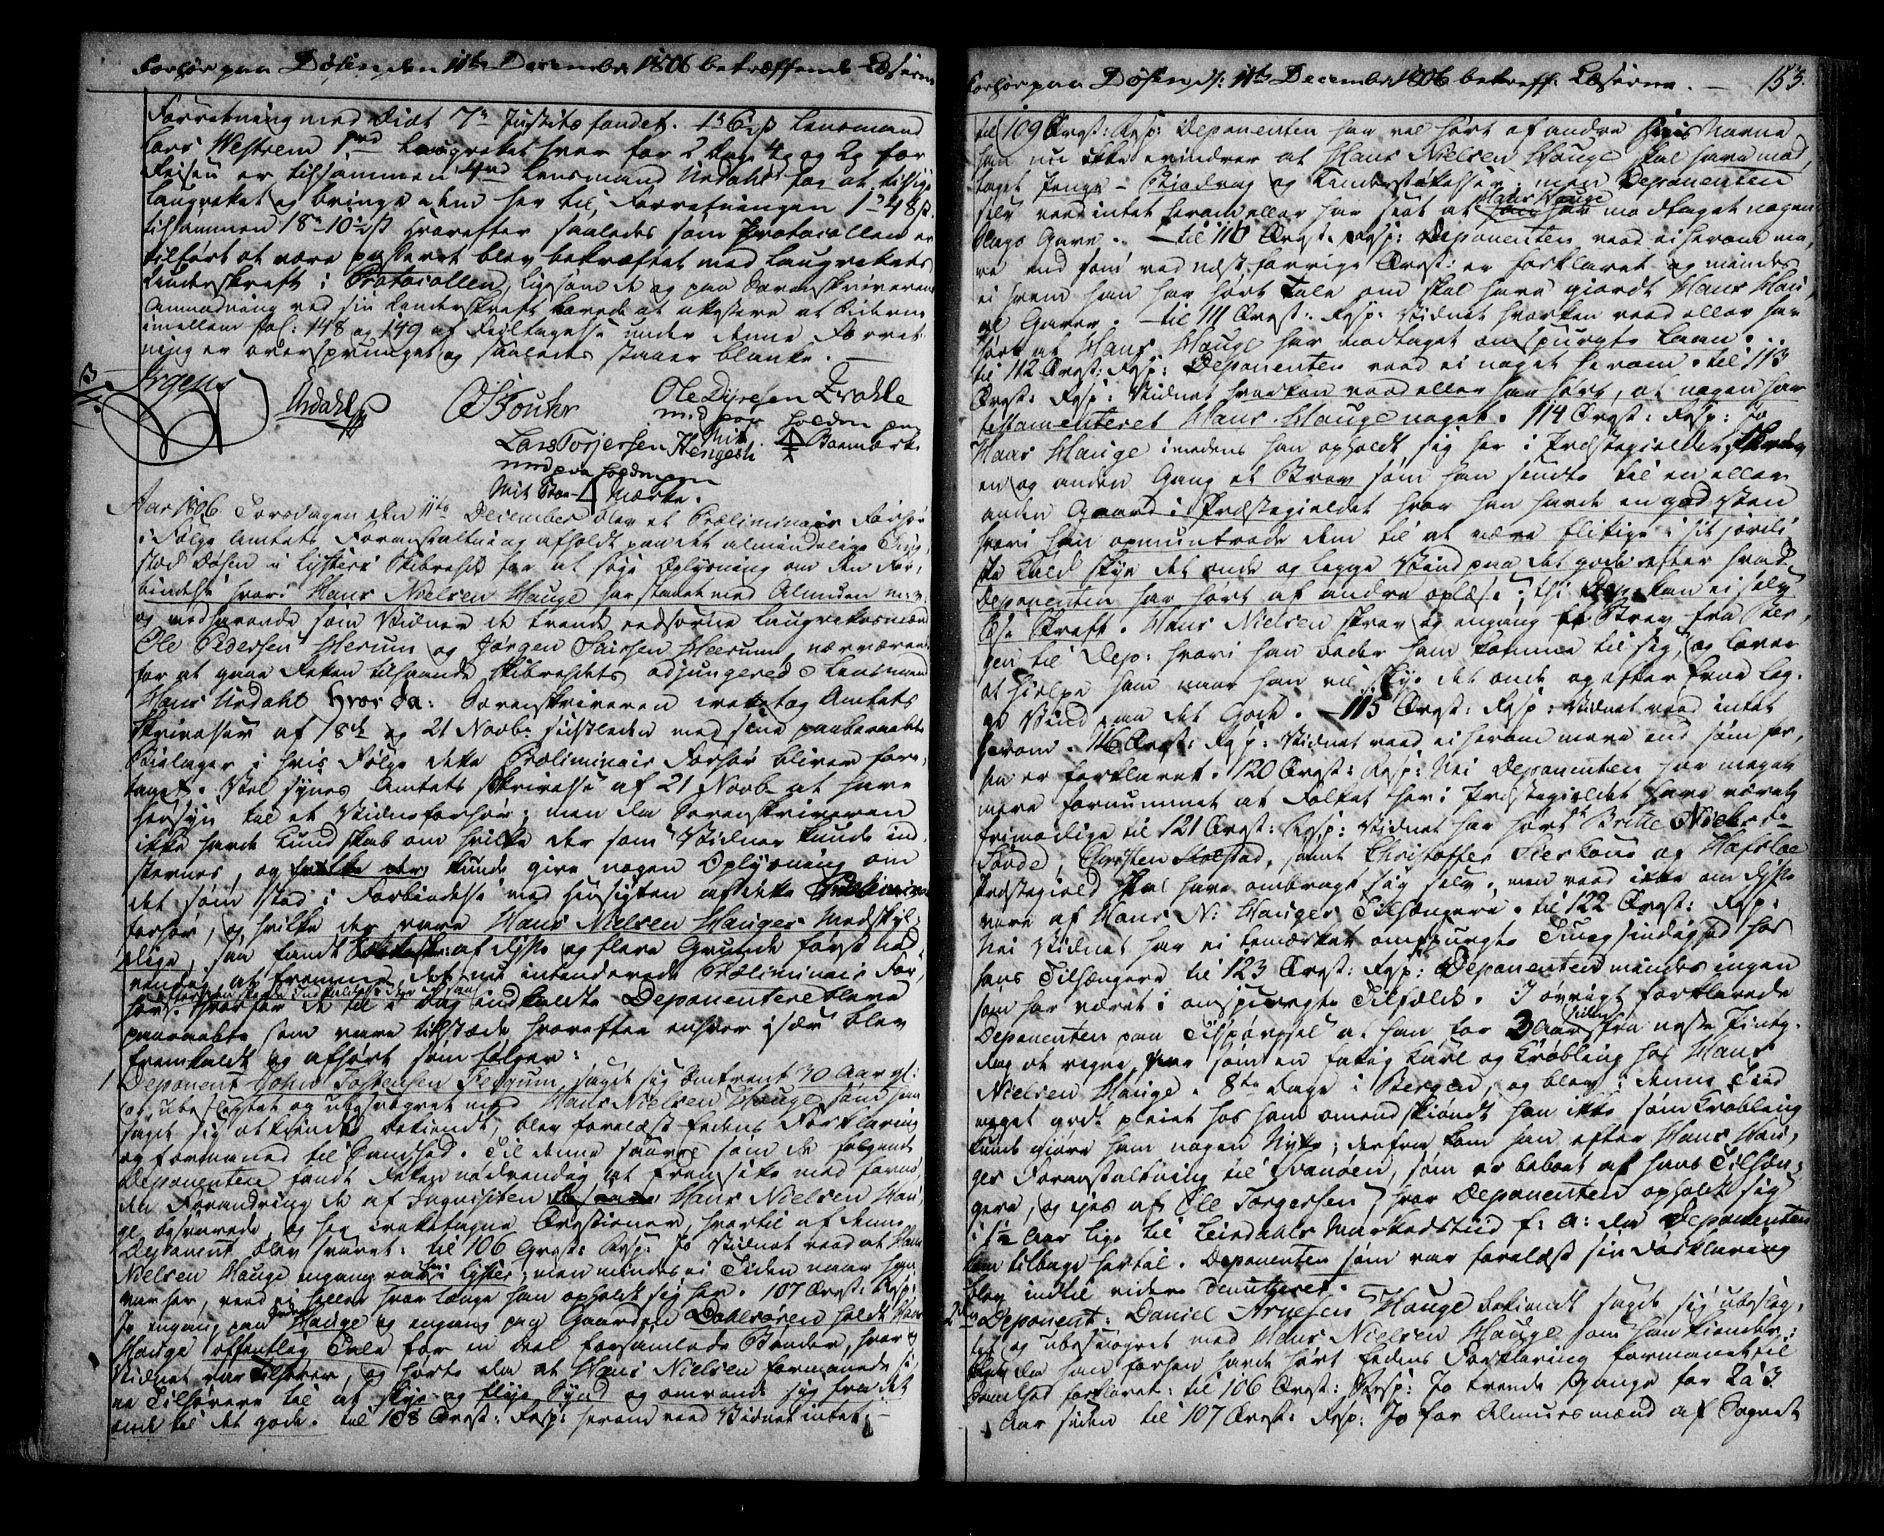 SAB, Indre Sogn sorenskriveri, F/Fb/Fba/L0001: Sivile og offentlege saker, A 1, 1804-1810, s. 152b-153a